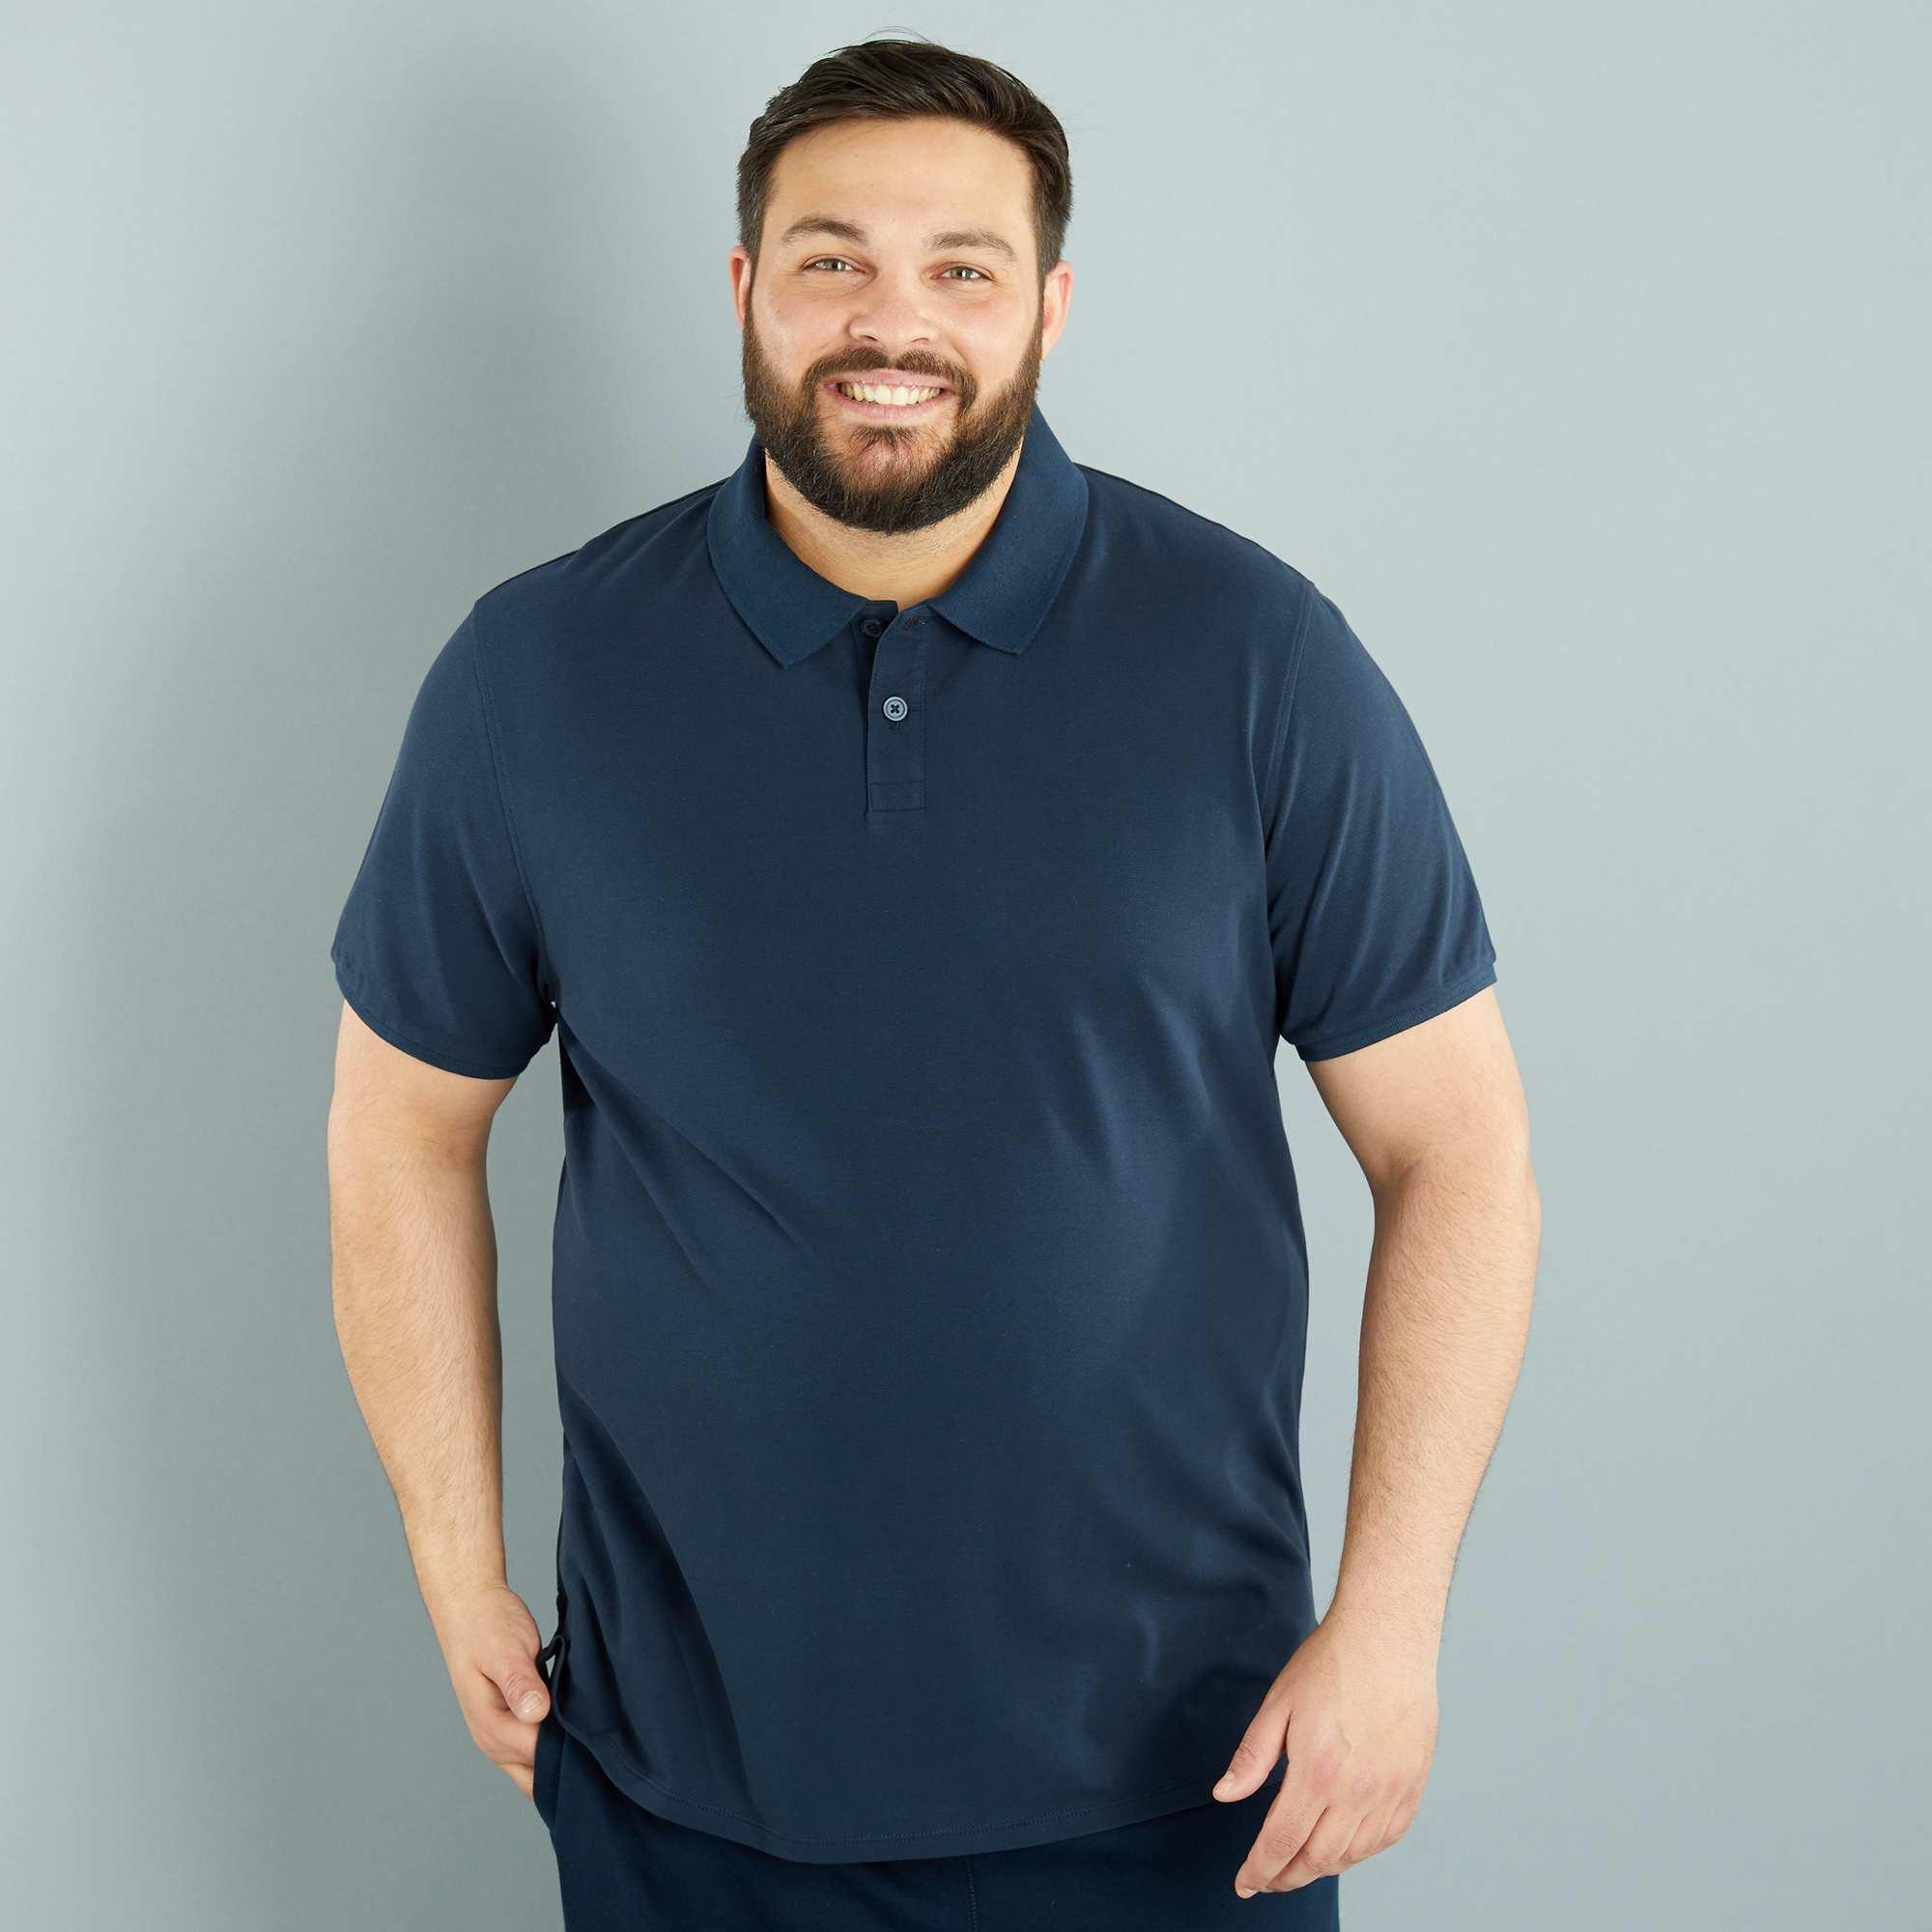 Couleur : bleu marine, noir, bleu roi,gris chiné,orange - Taille : 5XL, 4XL, 3XL,6XL,Un basique revisité en coupe large pour plus de confort. - Polo en piqué de coton